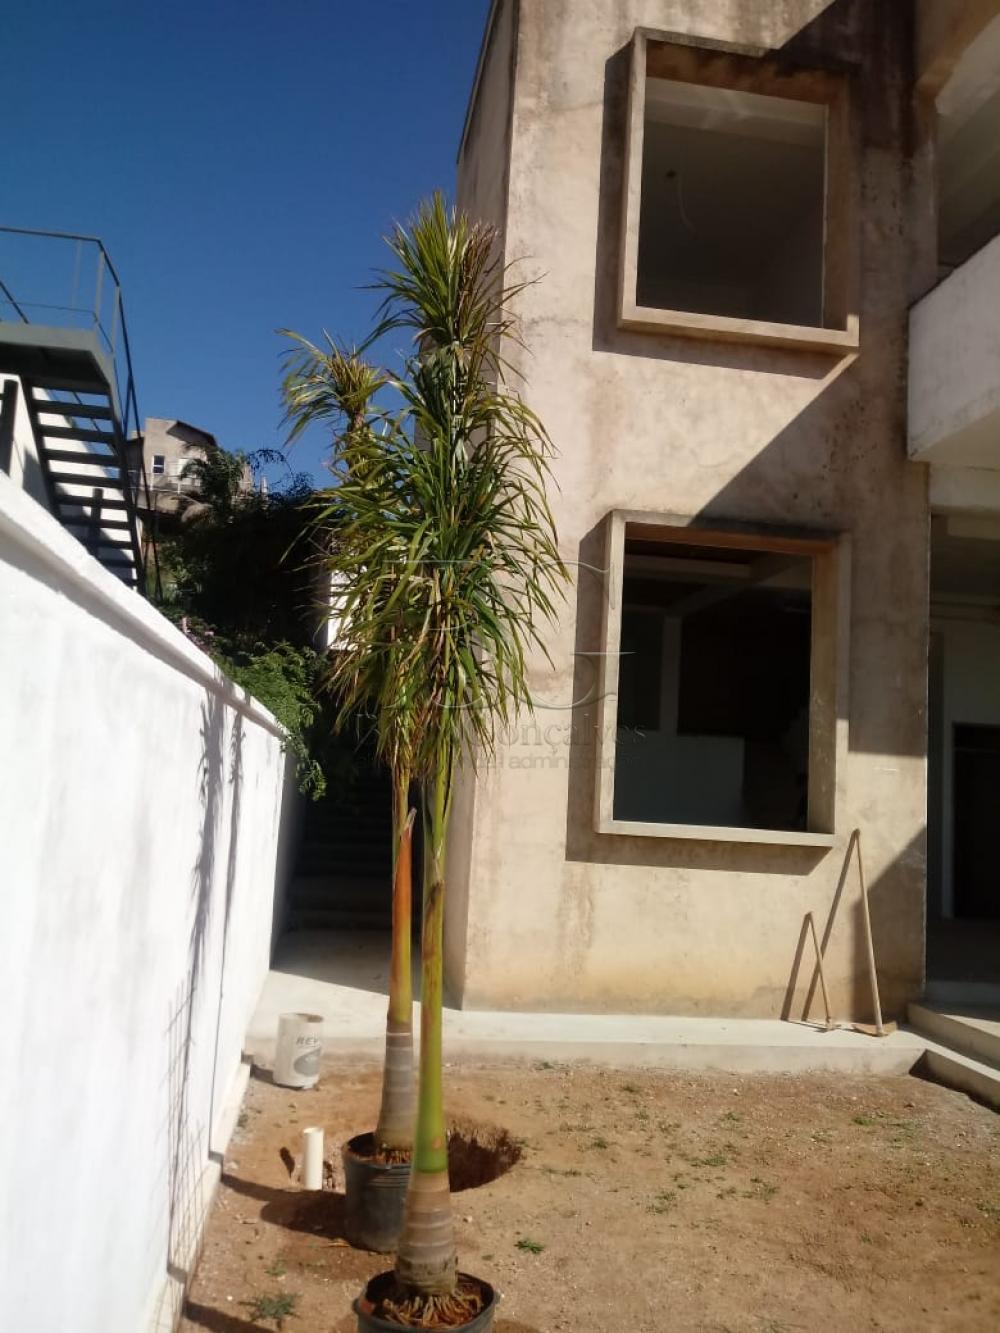 Comprar Casas / Padrão em Poços de Caldas apenas R$ 1.500.000,00 - Foto 51